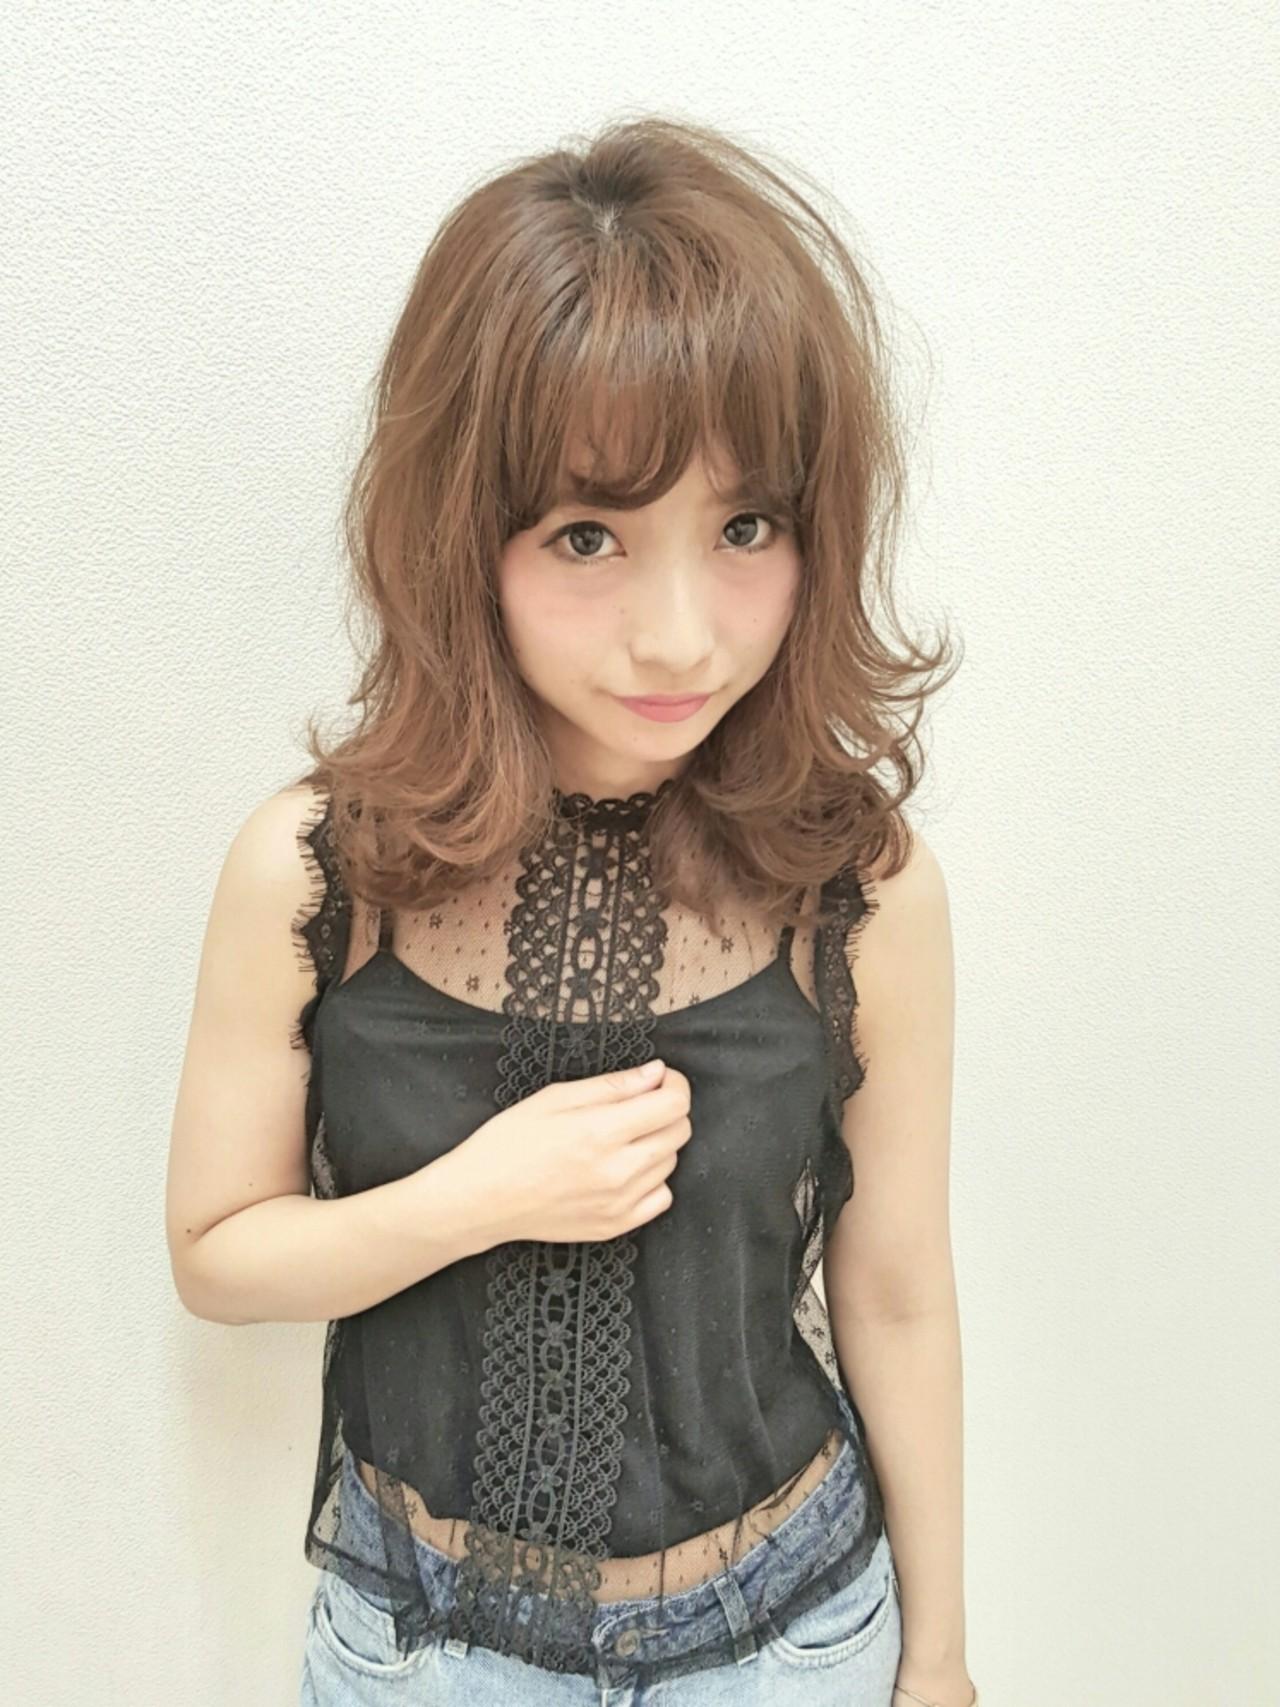 ミディアムヘアの巻き方伝授♡コテとアイロンでゆるふわに仕上げるコツ Naoko Miura / avant